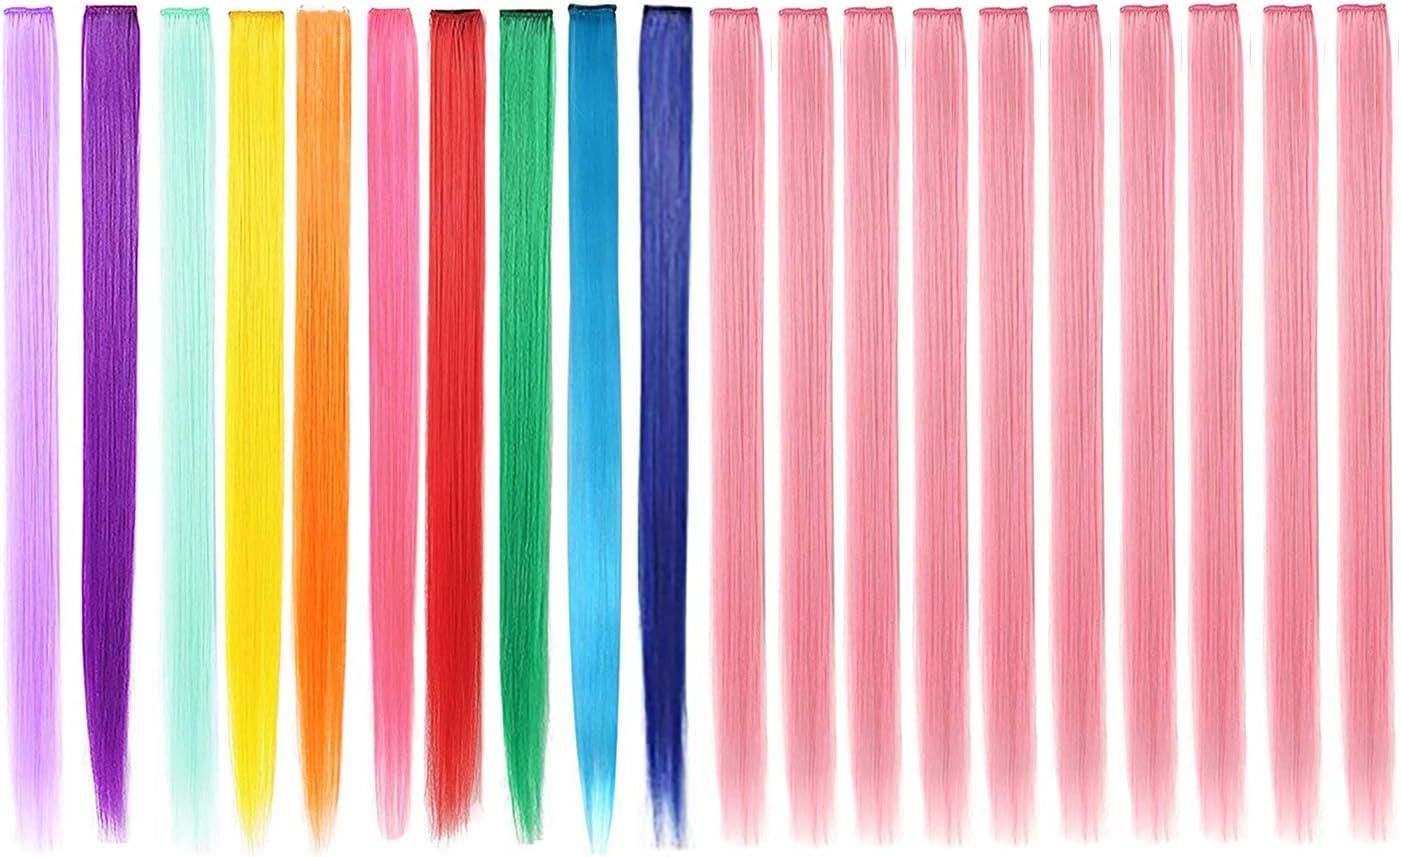 20 extensiones de cabello de colores, destacando el cabello largo y recto de 22 pulgadas para niñas, accesorios para el cabello de moda